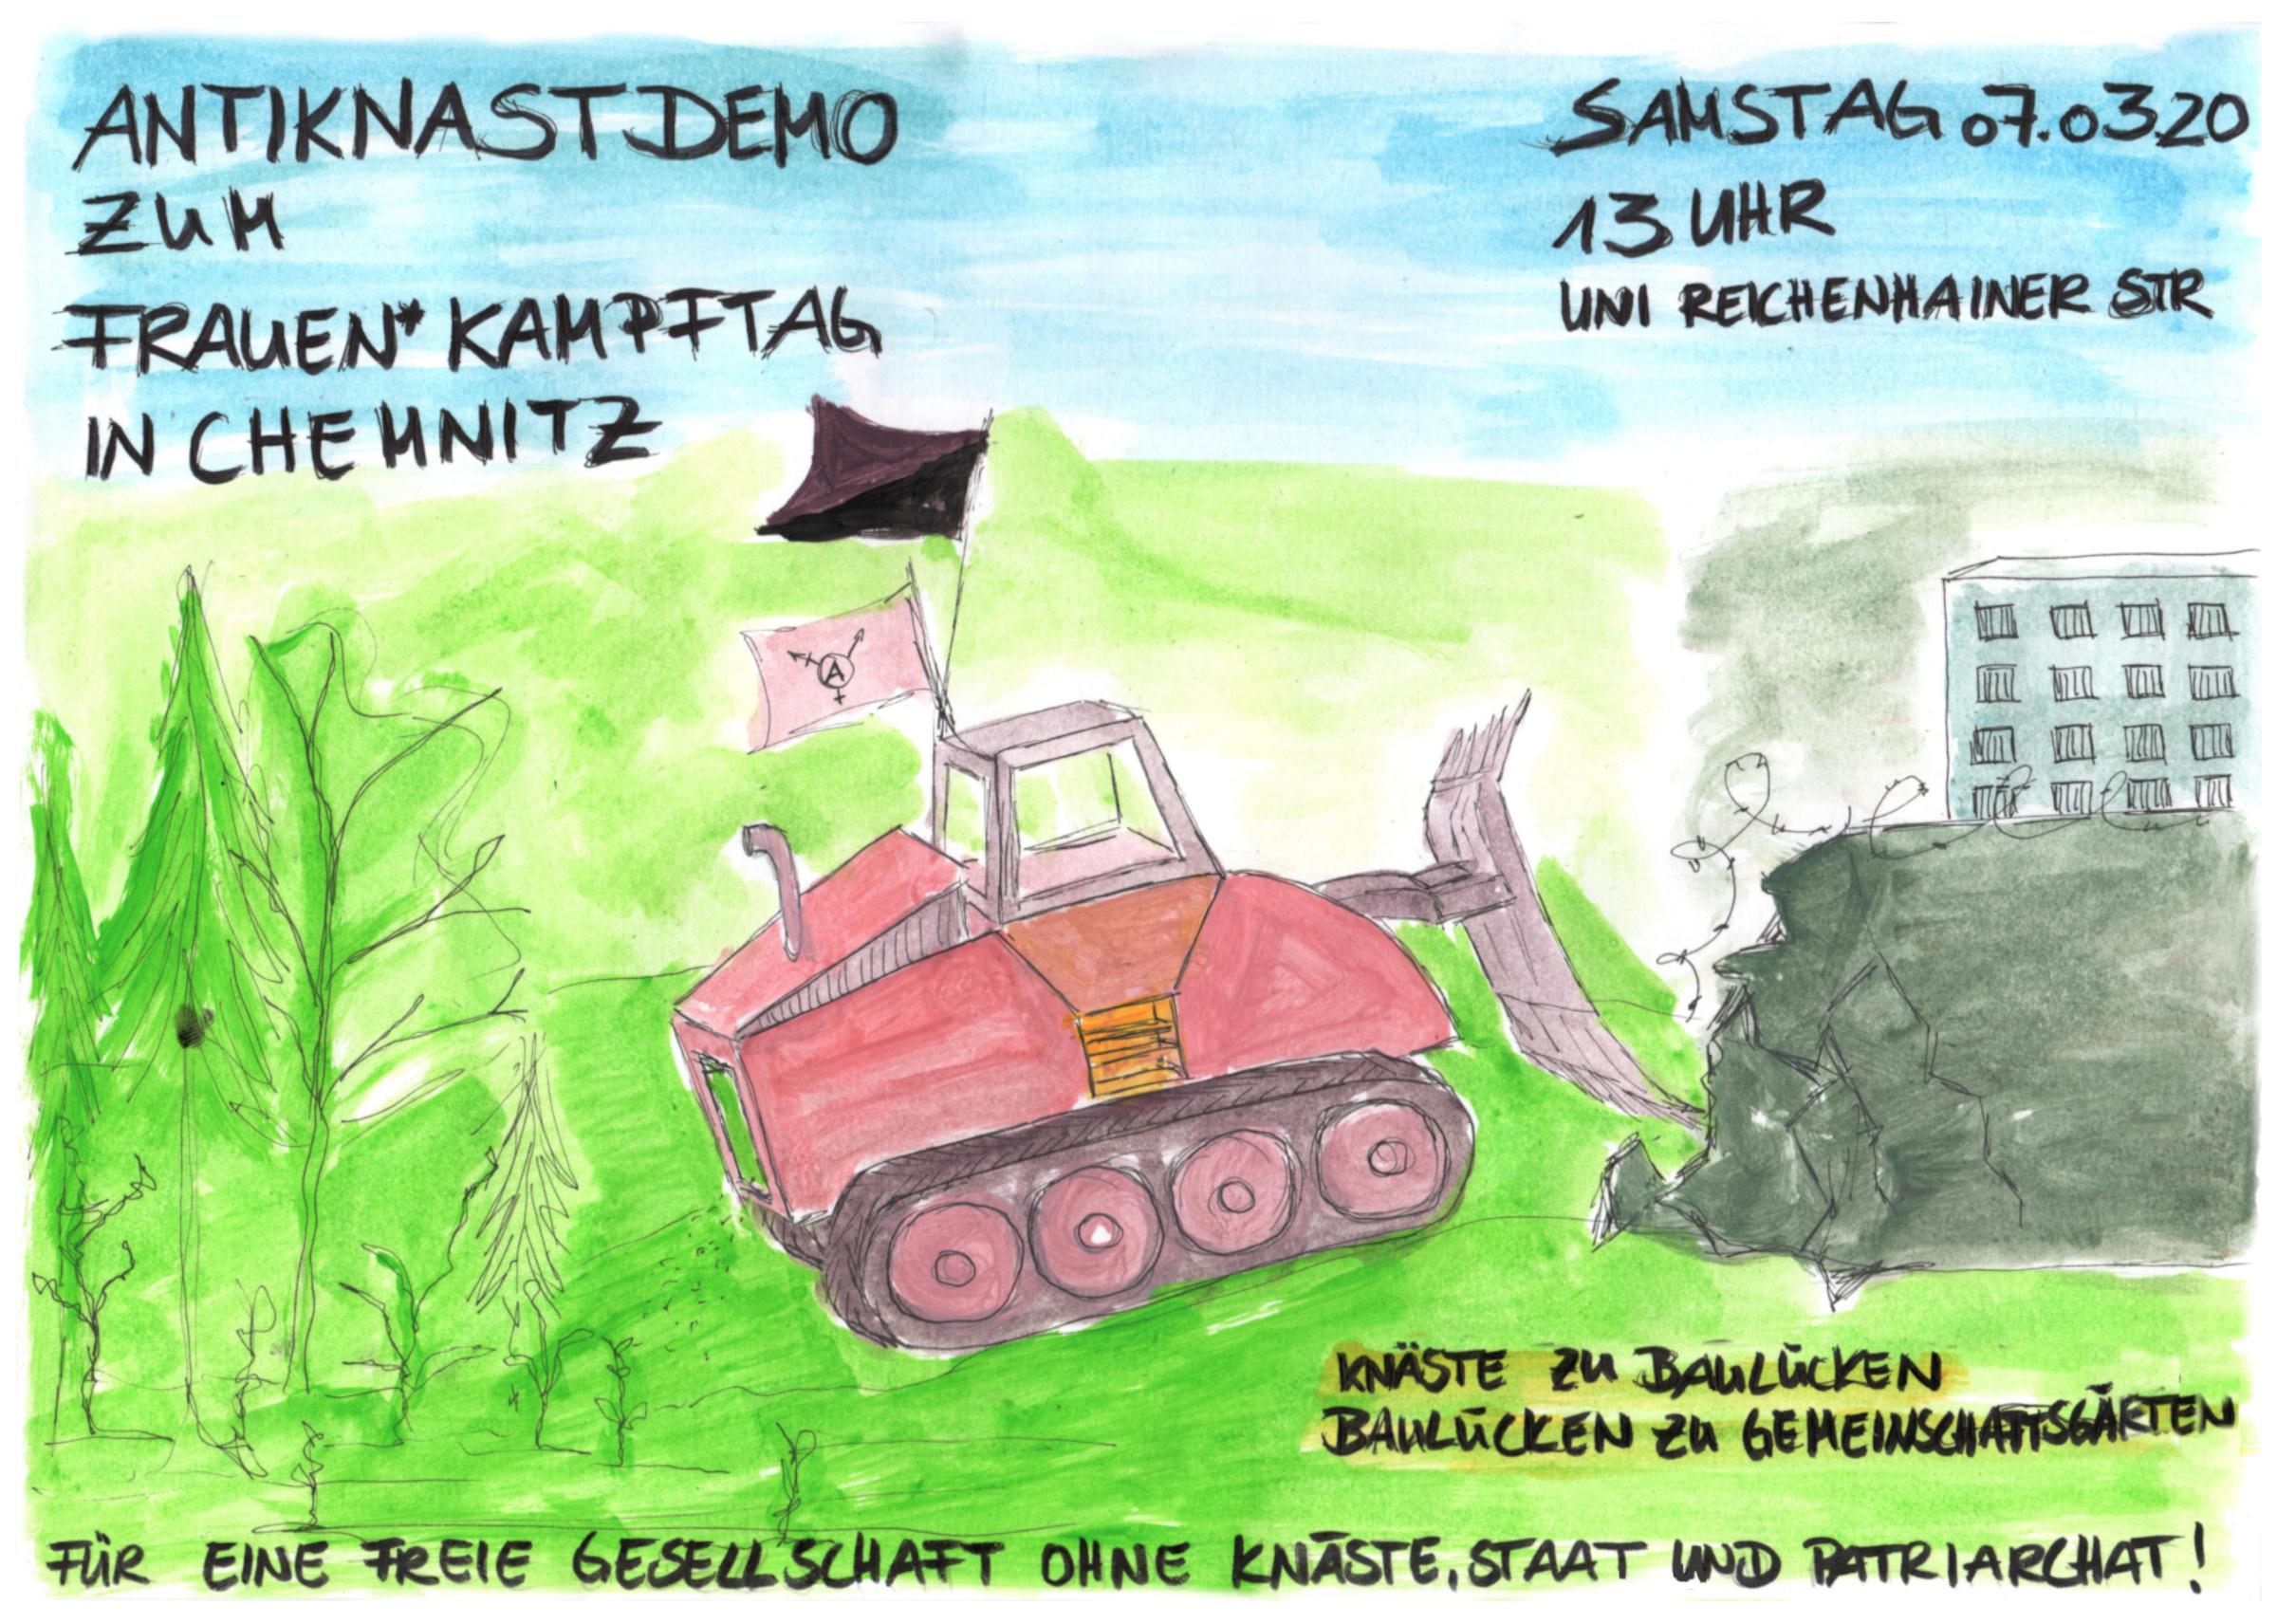 Demonstration für eine freie Gesellschaft ohne Knäste, Staat und Patriarchat – 7. März Chemnitz